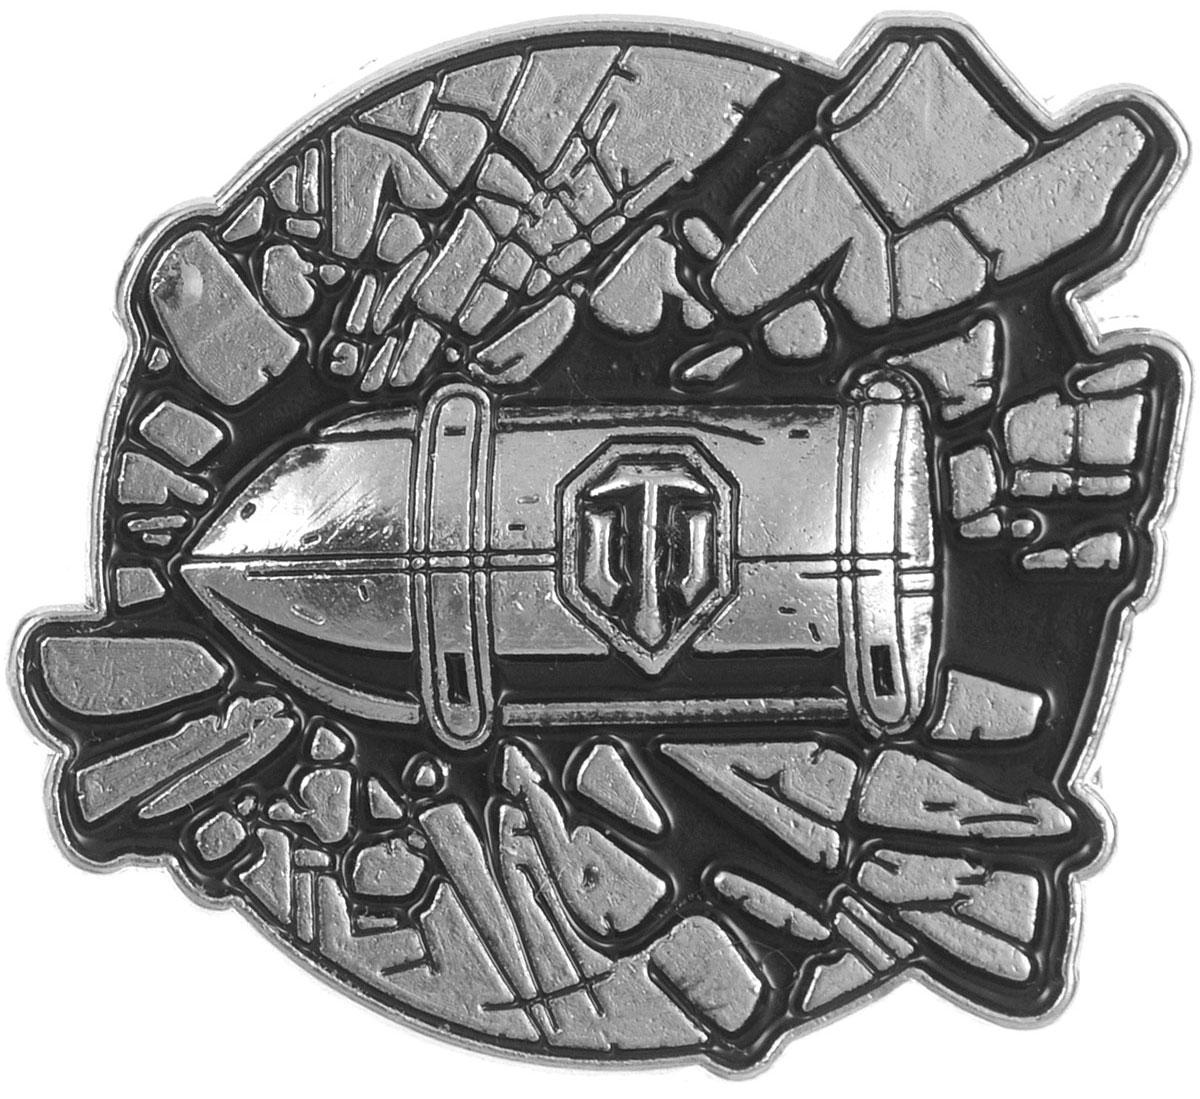 Значок World of Tanks Снаряд, цвет: серебряный. 14201420Значок Снаряд от World of Tanks изготовлен из цинкового сплава и оформлен объемным изображением летящего снаряда. Изделие крепится с помощью застежки-гвоздика.Значок - это важный аксессуар истинного игрока.